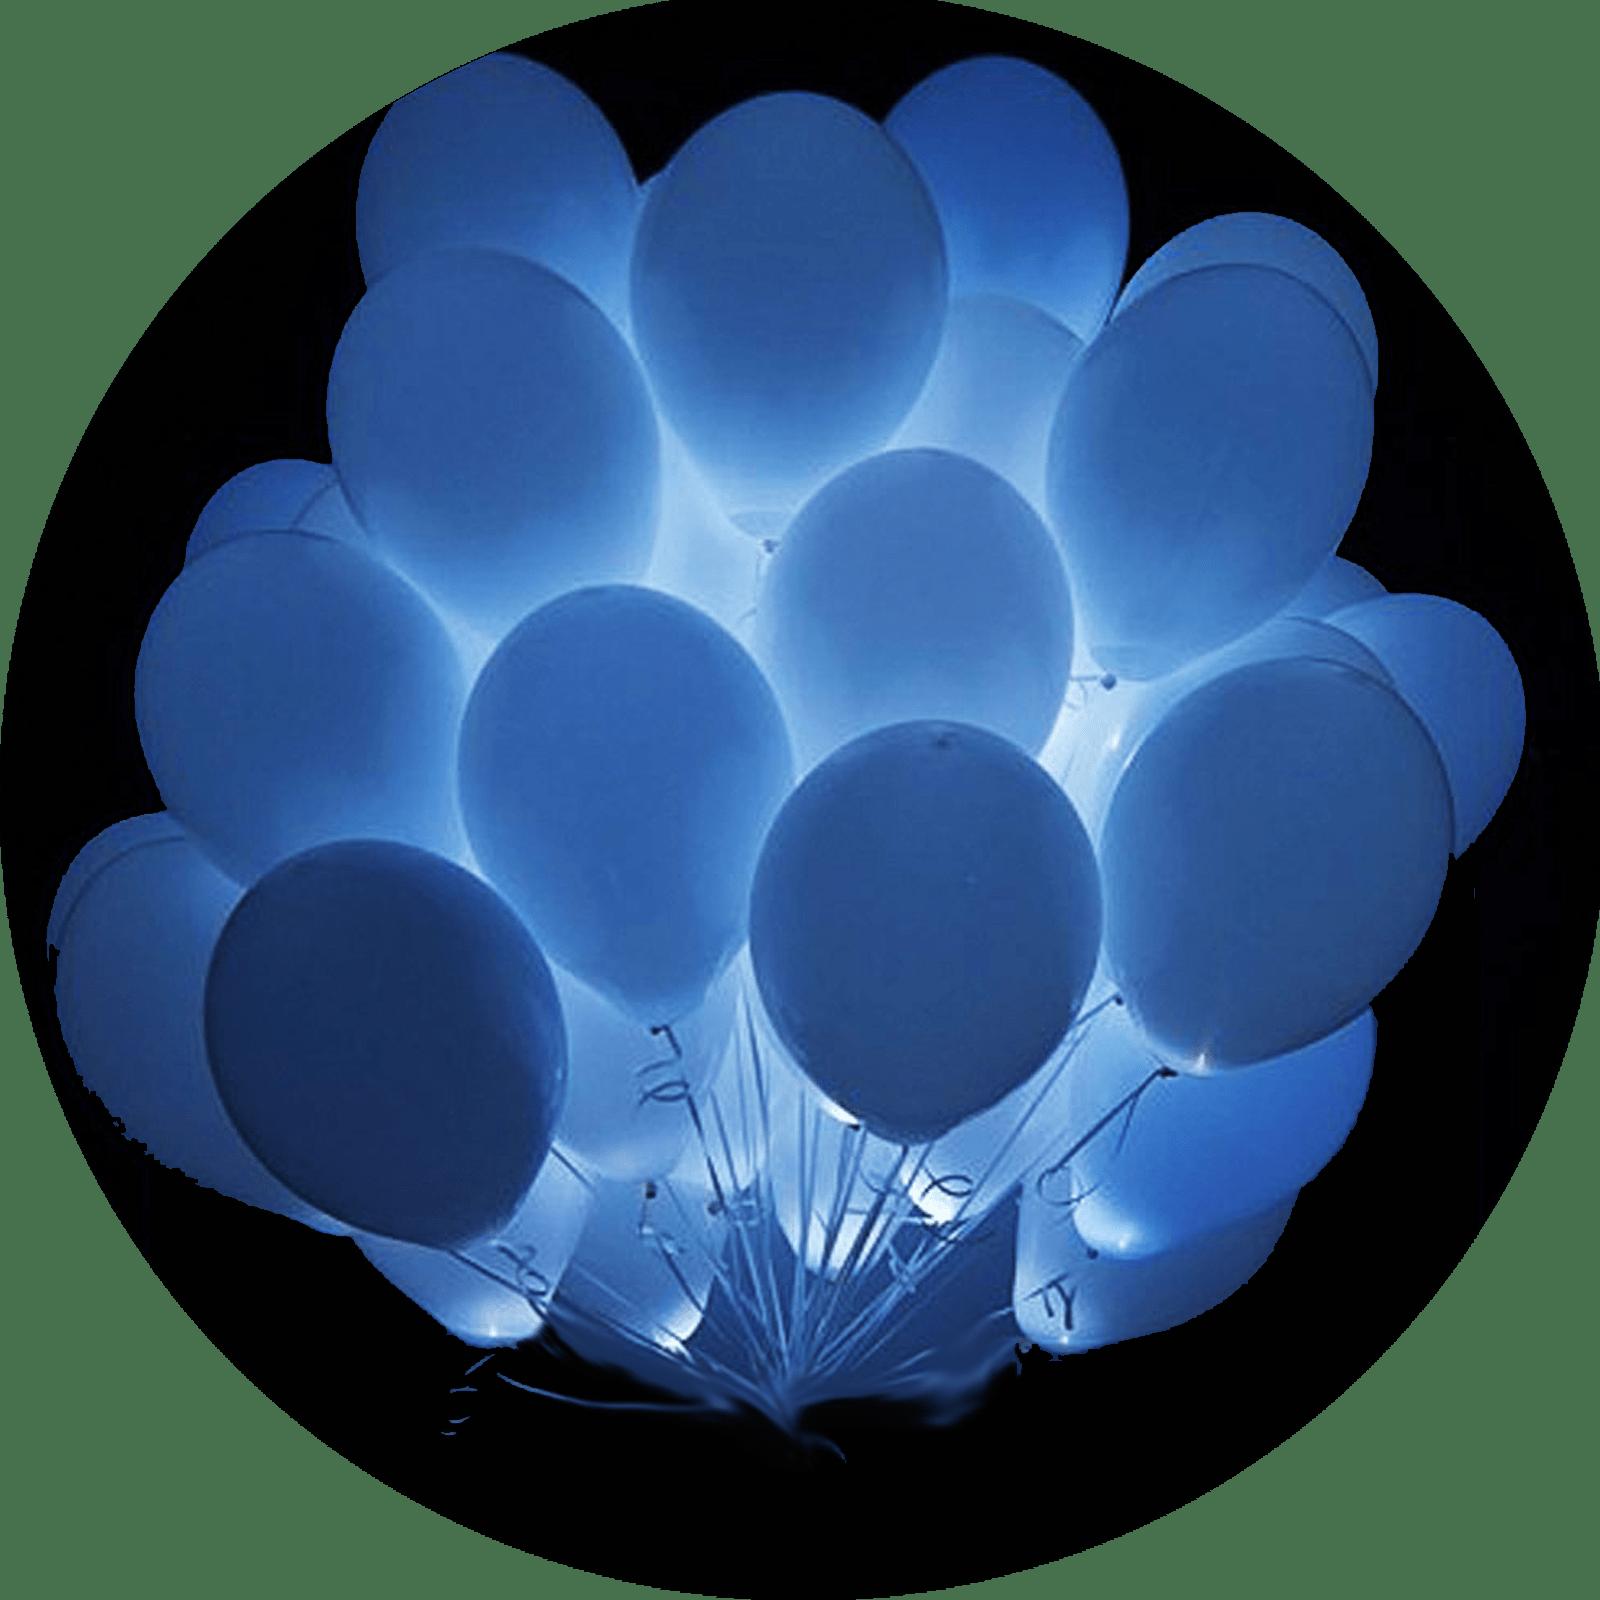 Светящиеся гелиевые шары Белые 25 шт.